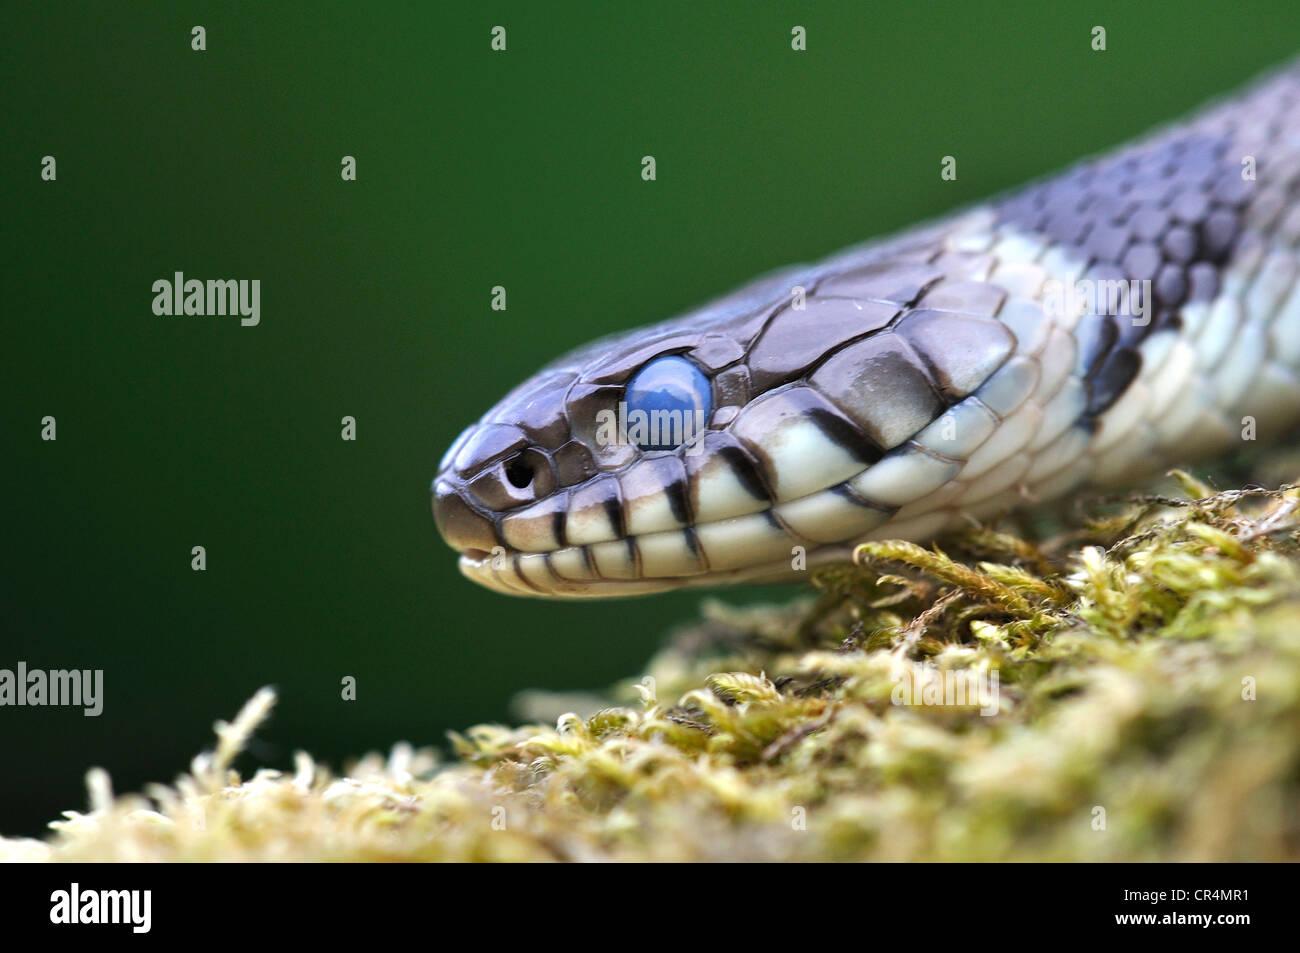 Natrix culebra serpiente reptiles Foto de stock